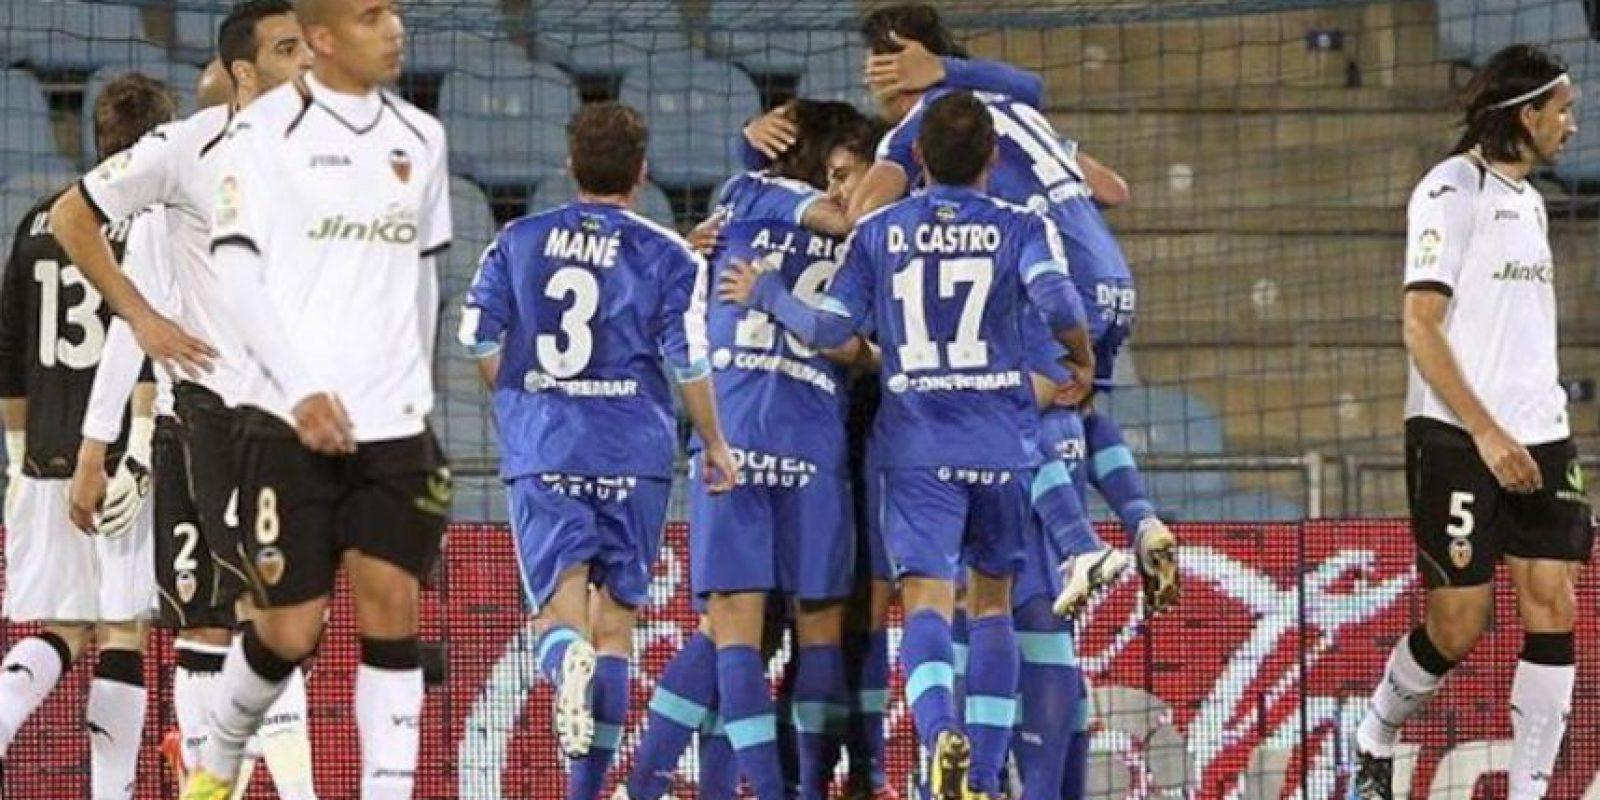 Los jugadores del Getafe CF celebran el primer gol, anotado por Pedro Ríos, durante el partido, correspondiente a la trigésima jornada de Liga de Primera División en el Coliseum Alfonso Pérez. EFE